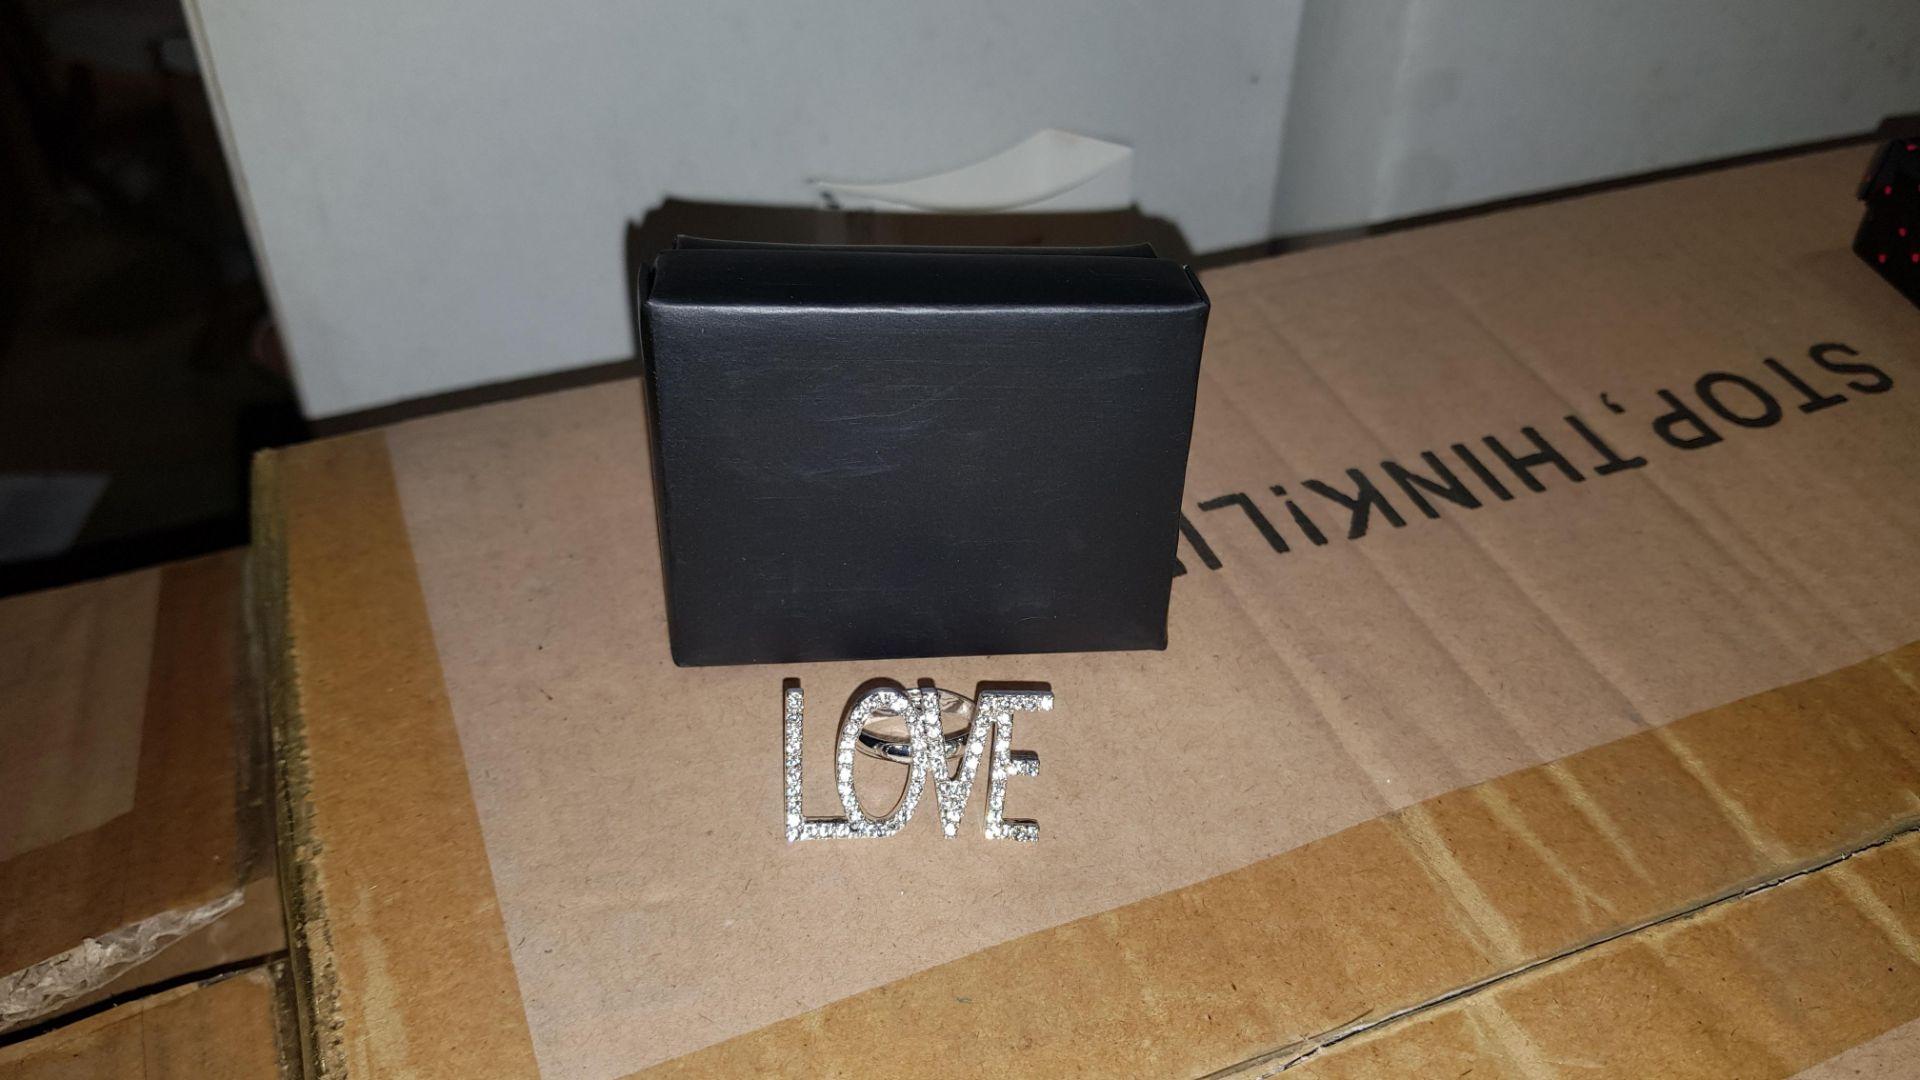 224 X AVON DAMARA MARK STATEMENT RING - LOVE